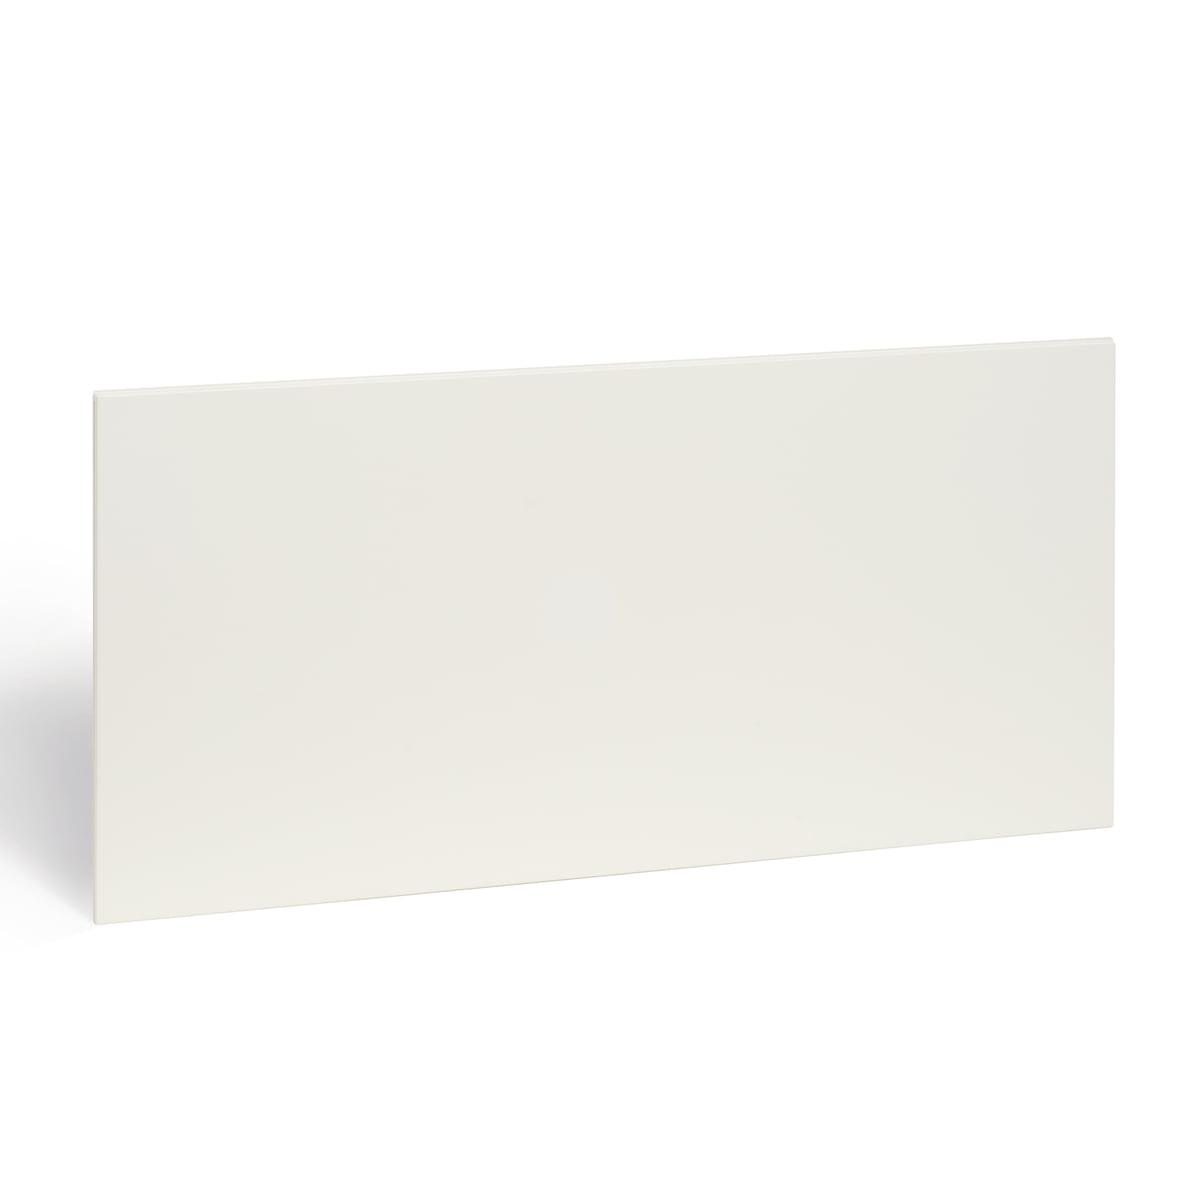 Flötotto Systemmöbel Flötotto - Rückwand zum Regalsystem 355, lang (L), Lack weiß | Wohnzimmer > Regale | Weiß | Holz -  lackiert | Flötotto Systemmöbel